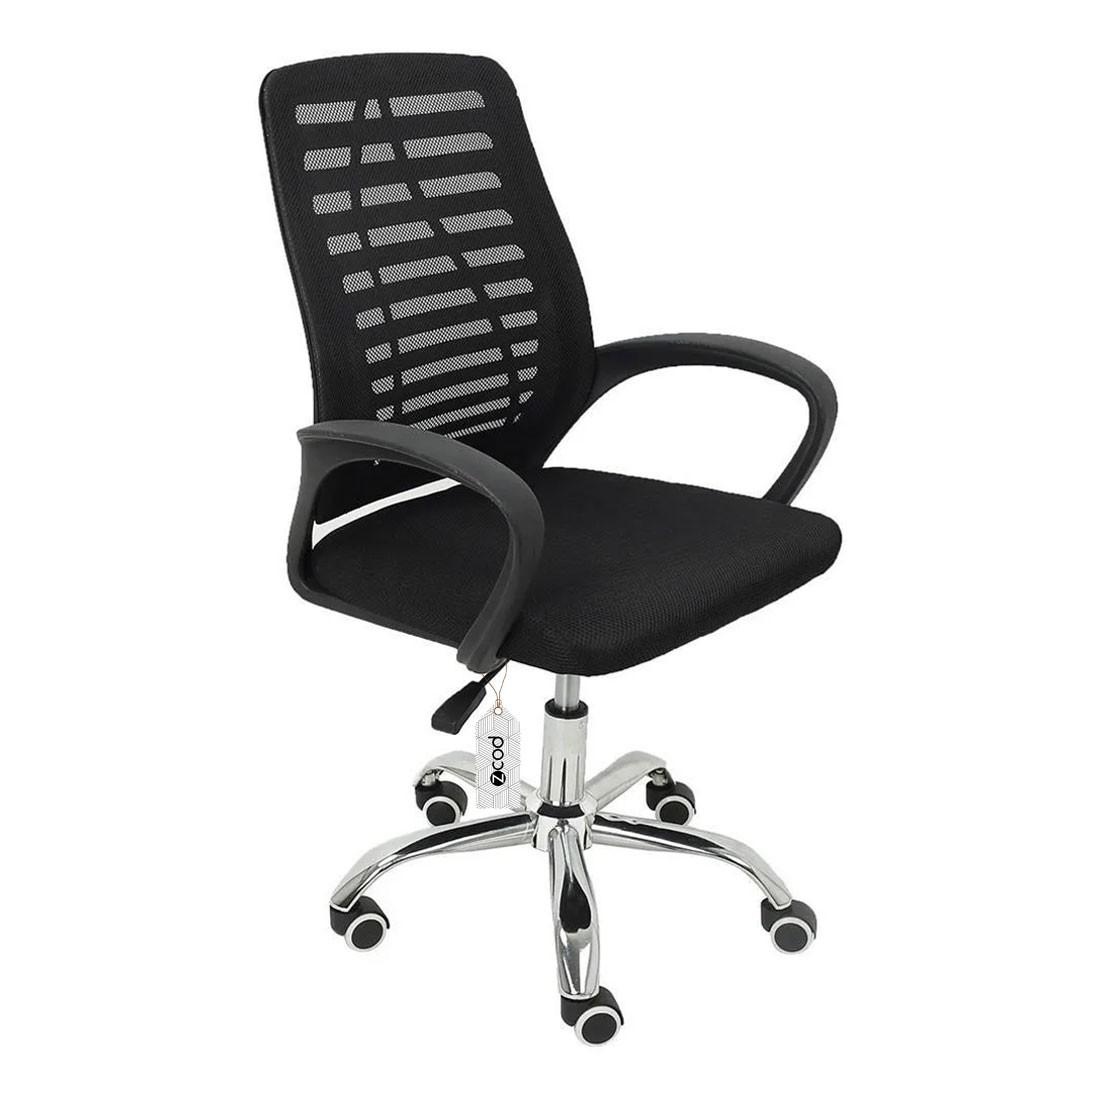 Cadeira de escritório em tela mesh giratória V102